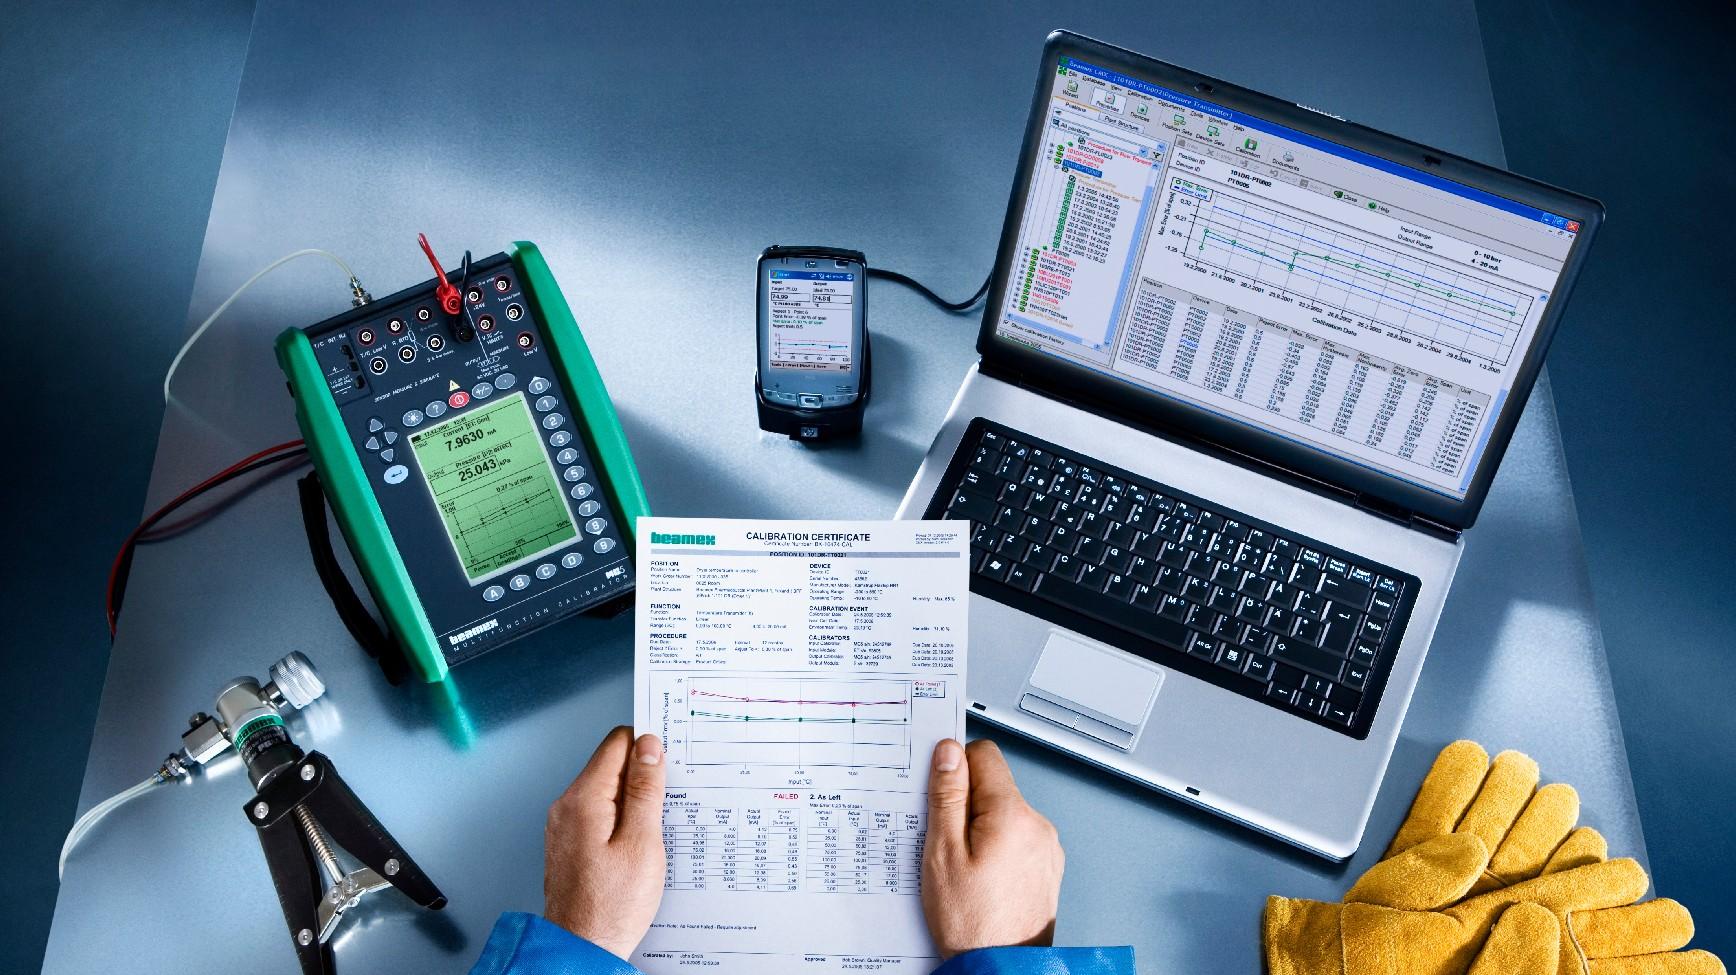 регистрация прав на программное обеспечение